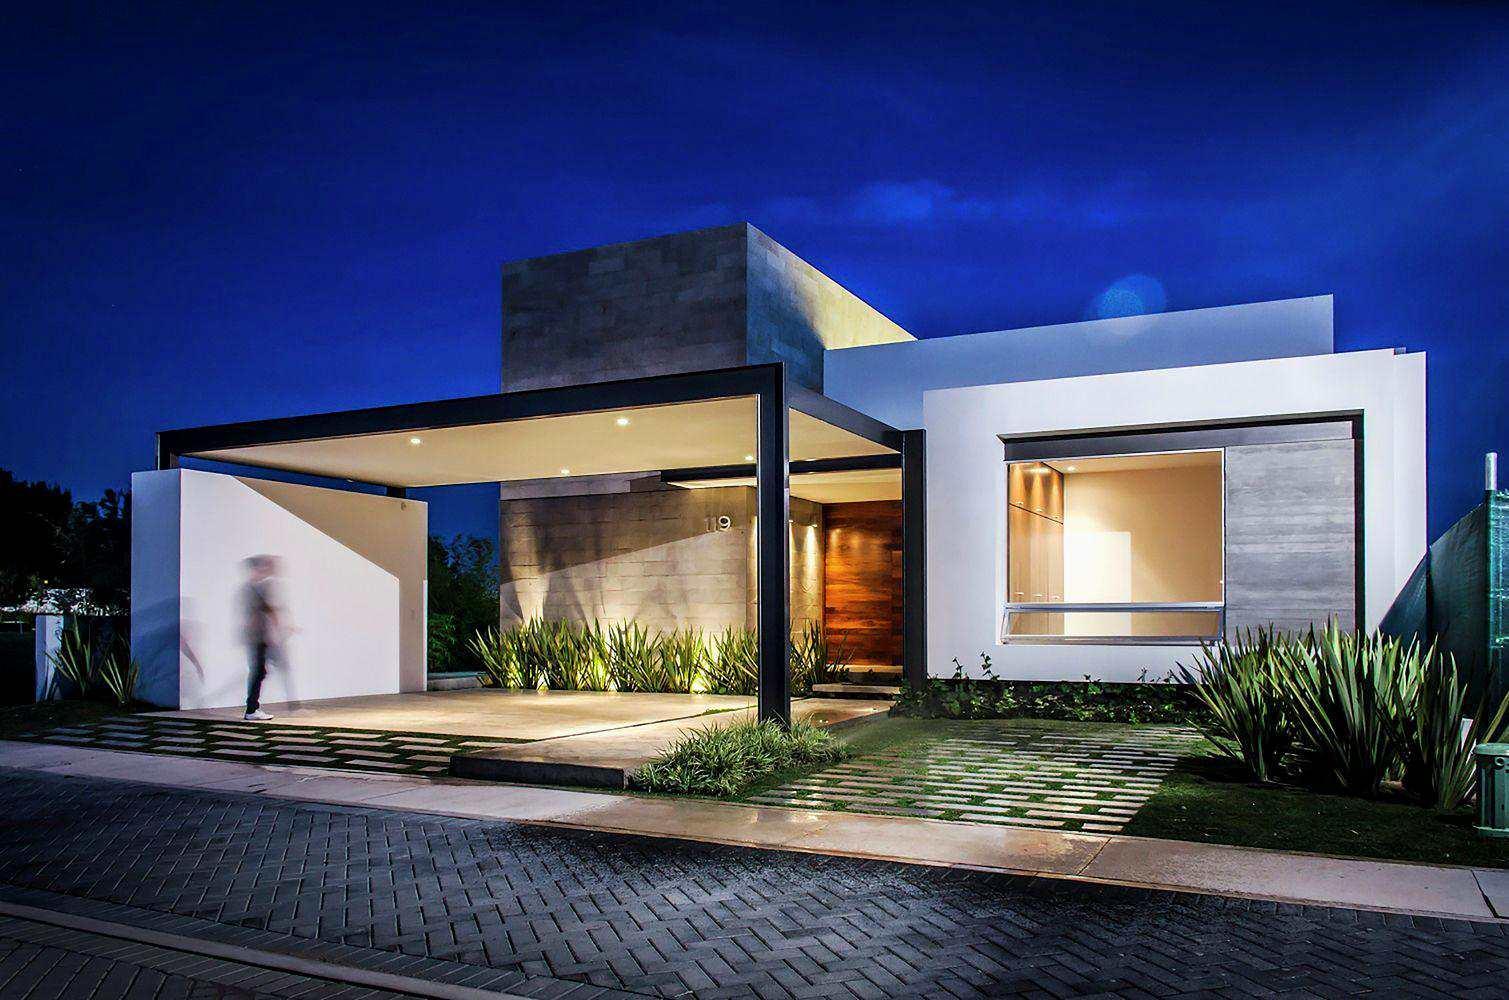 Casa com 2 dorms, Vila Sônia, Praia Grande - R$ 99.9 mi, Cod: 7